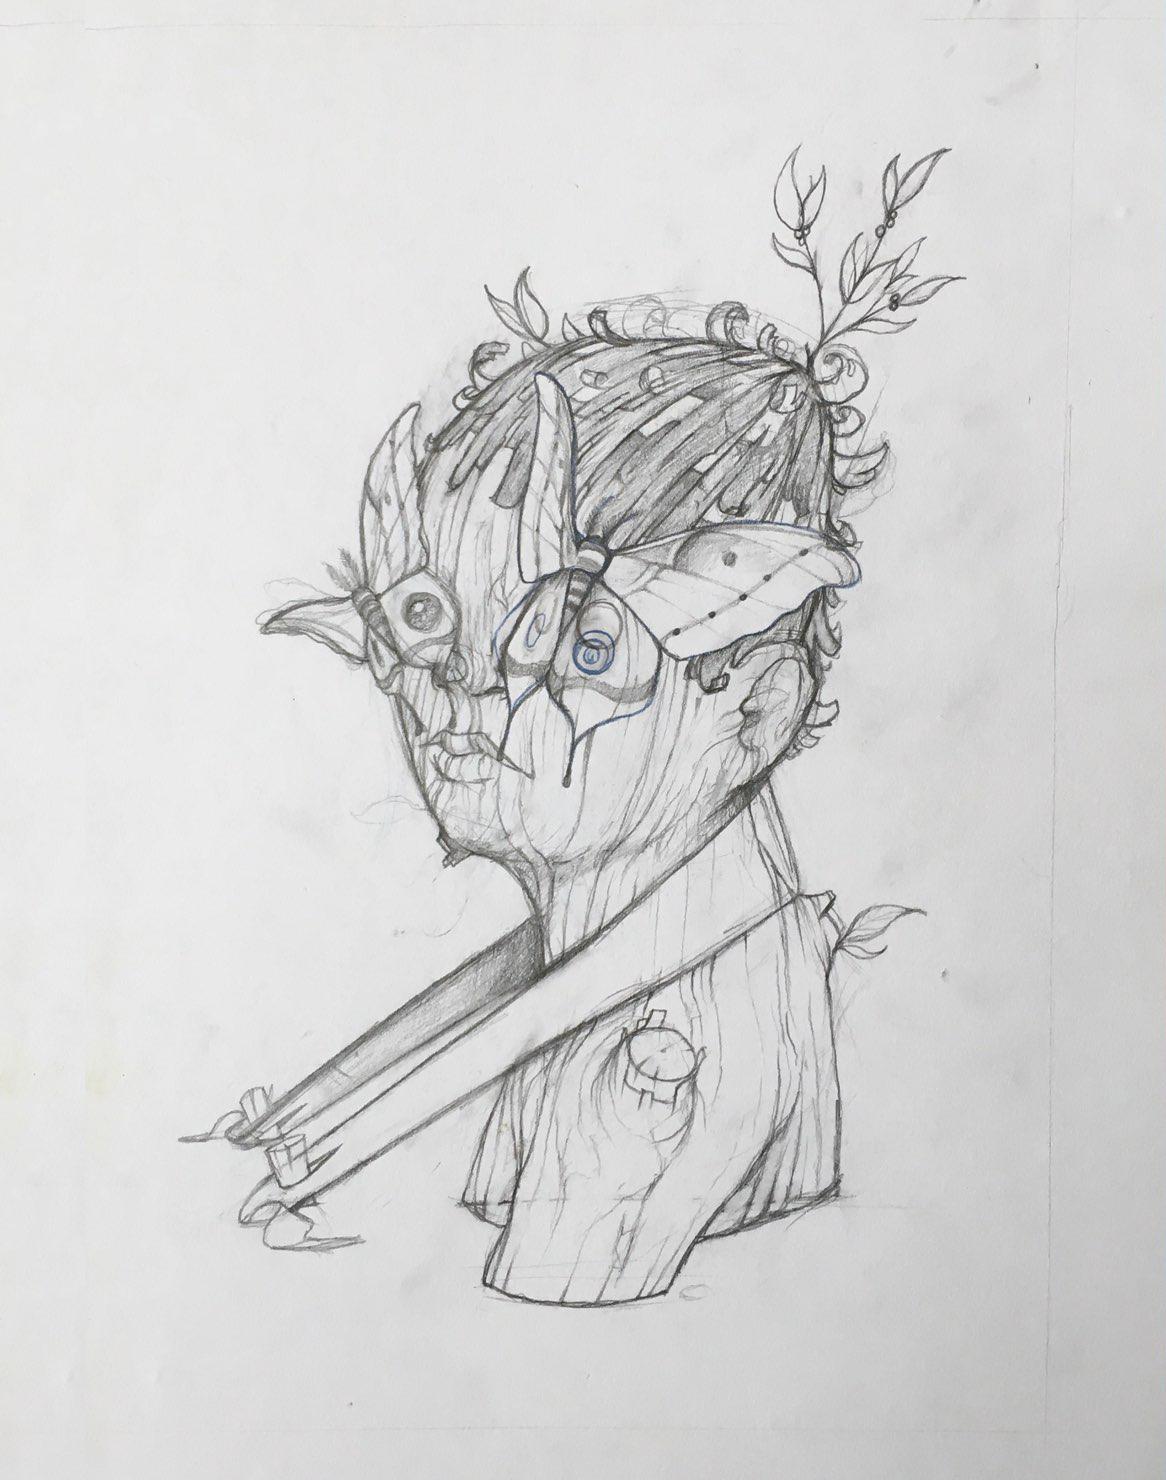 rfm_boy_process_Sketch